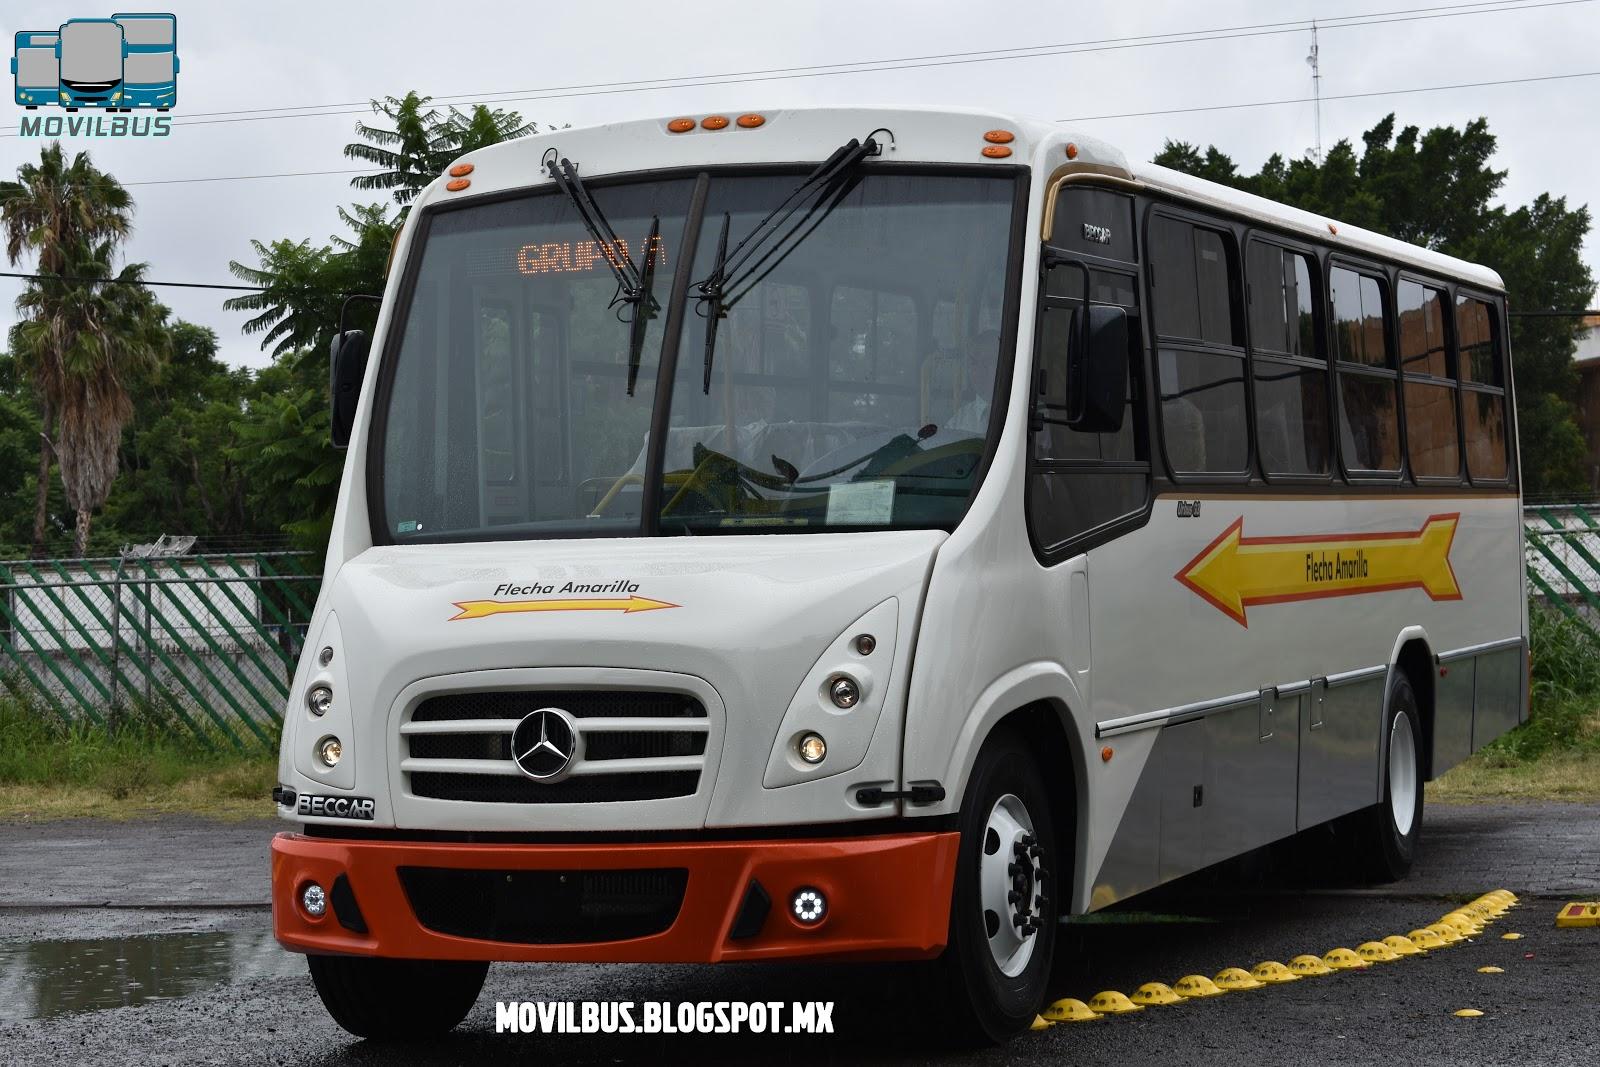 movilbus mercedes benz autobuses entrega 354 unidades a flecha amarilla. Black Bedroom Furniture Sets. Home Design Ideas